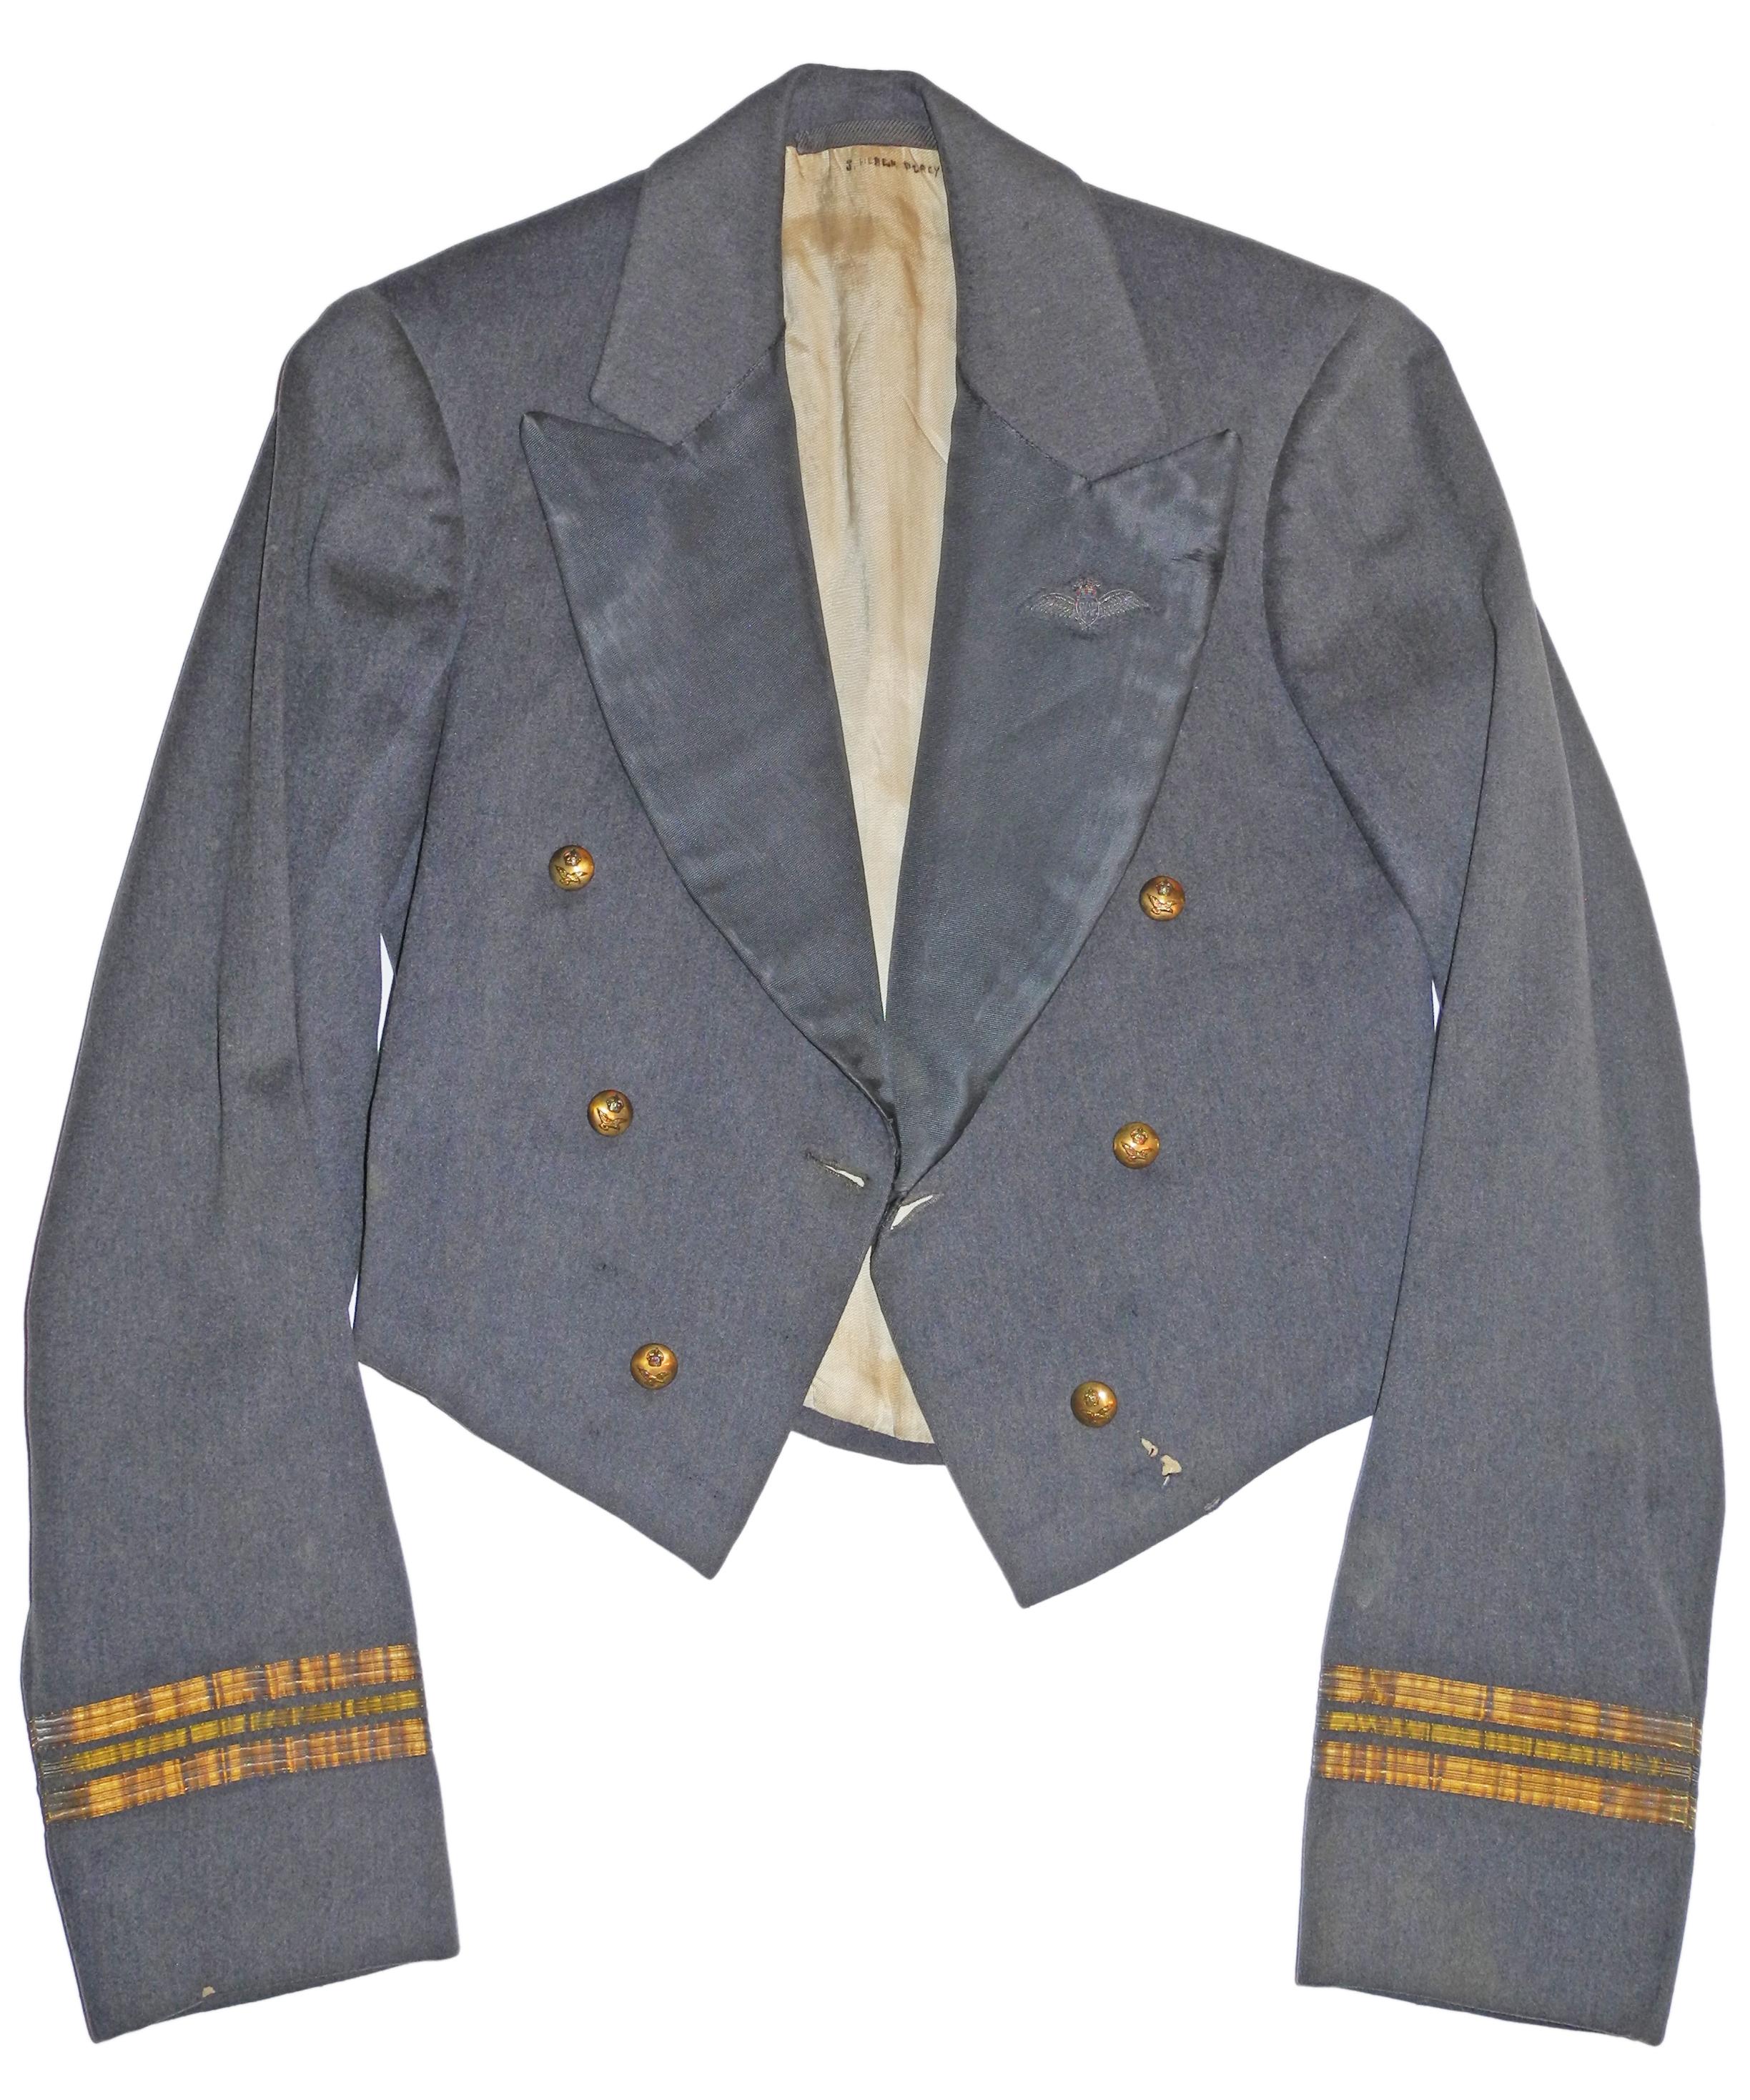 RAF pre-WW2 named Mess Dress jacket